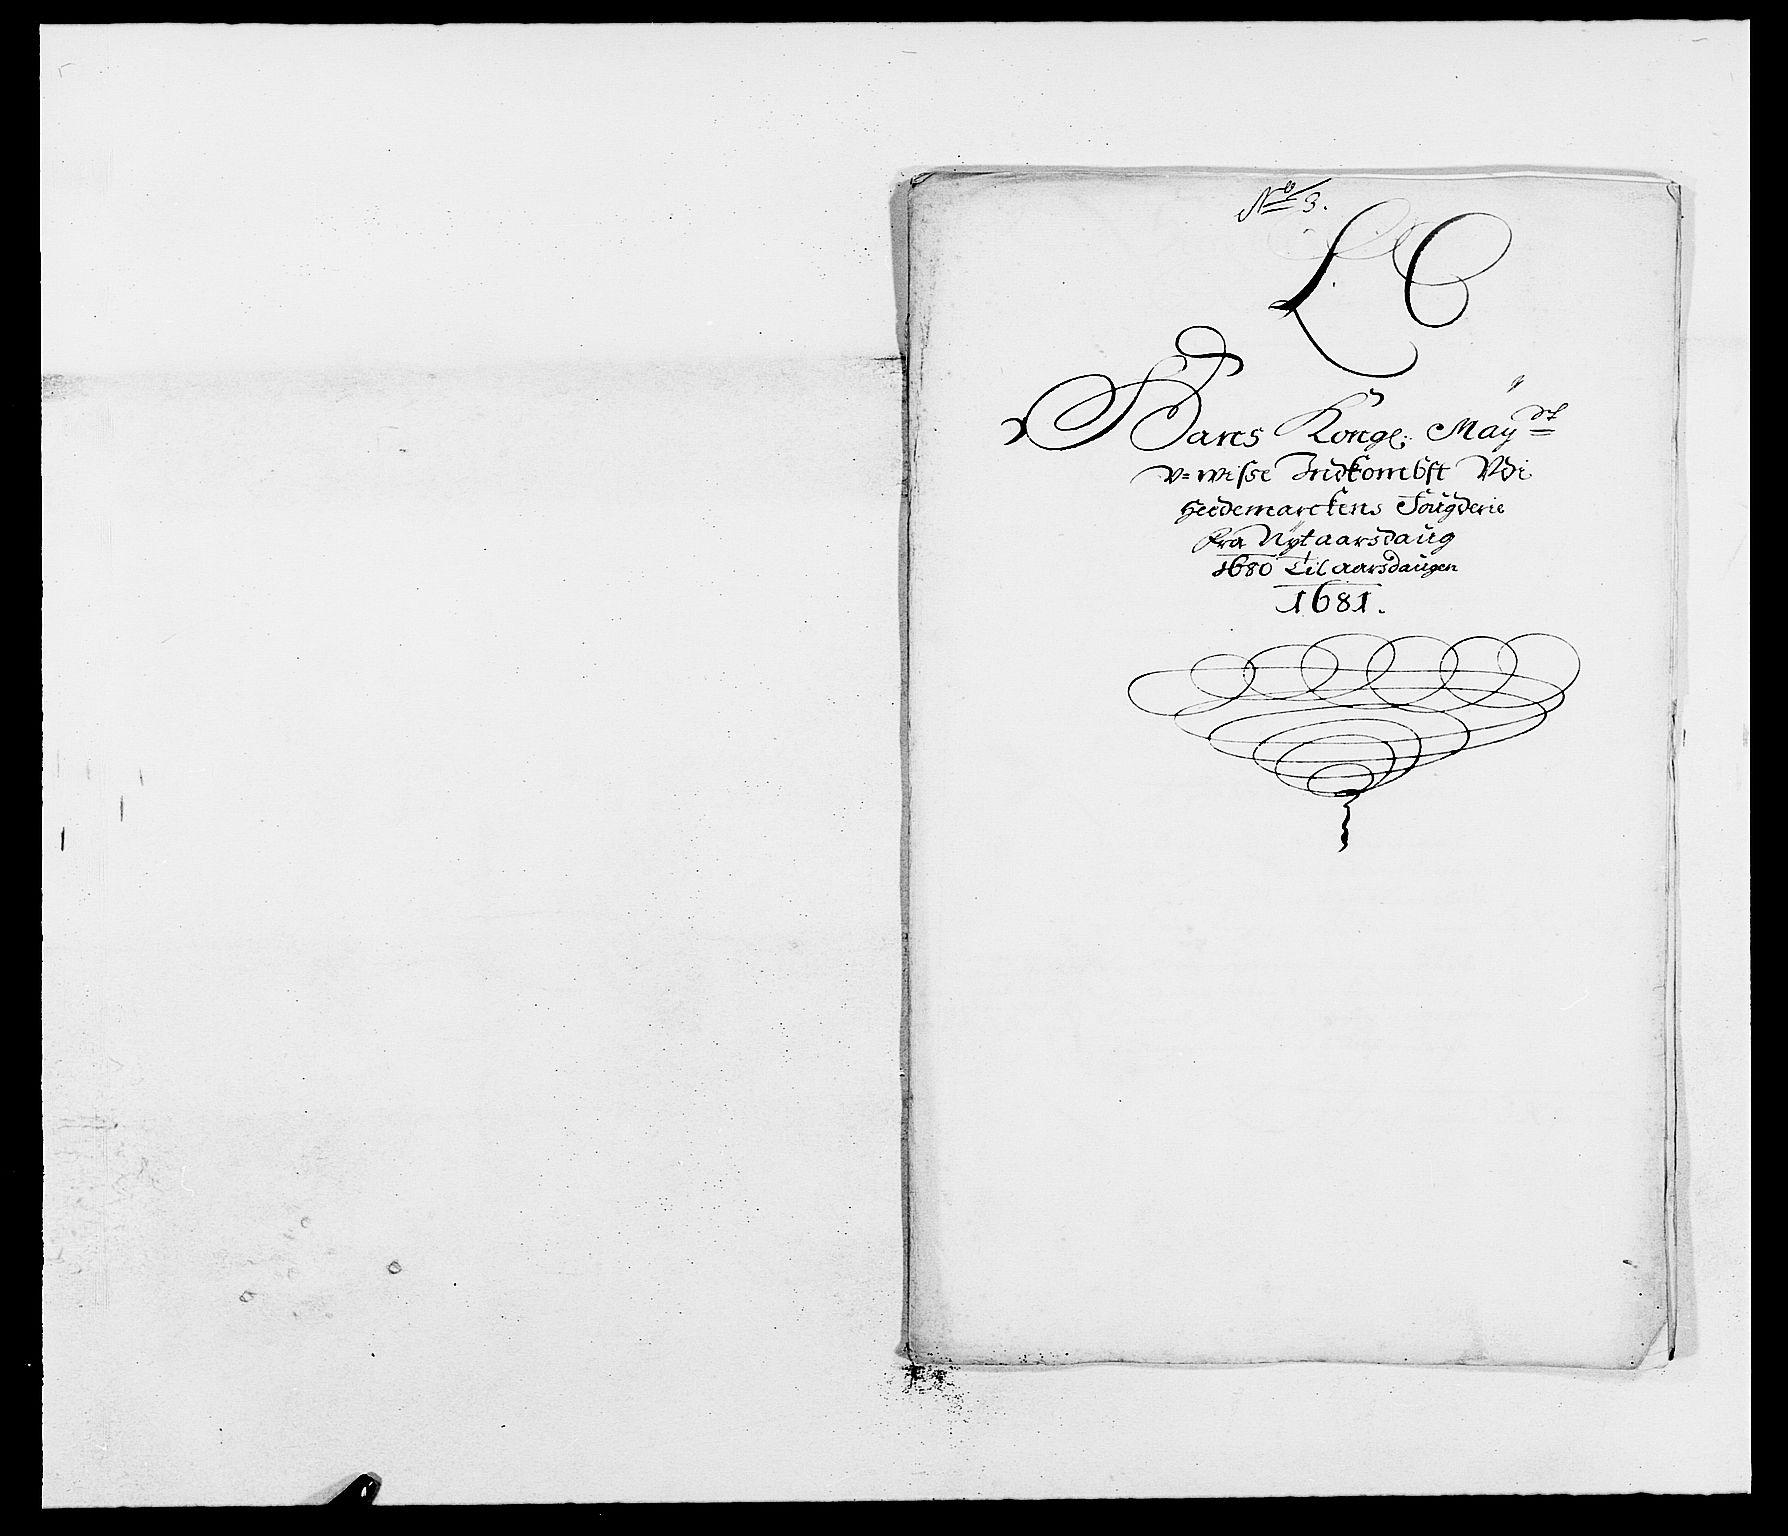 RA, Rentekammeret inntil 1814, Reviderte regnskaper, Fogderegnskap, R16/L1020: Fogderegnskap Hedmark, 1680, s. 2